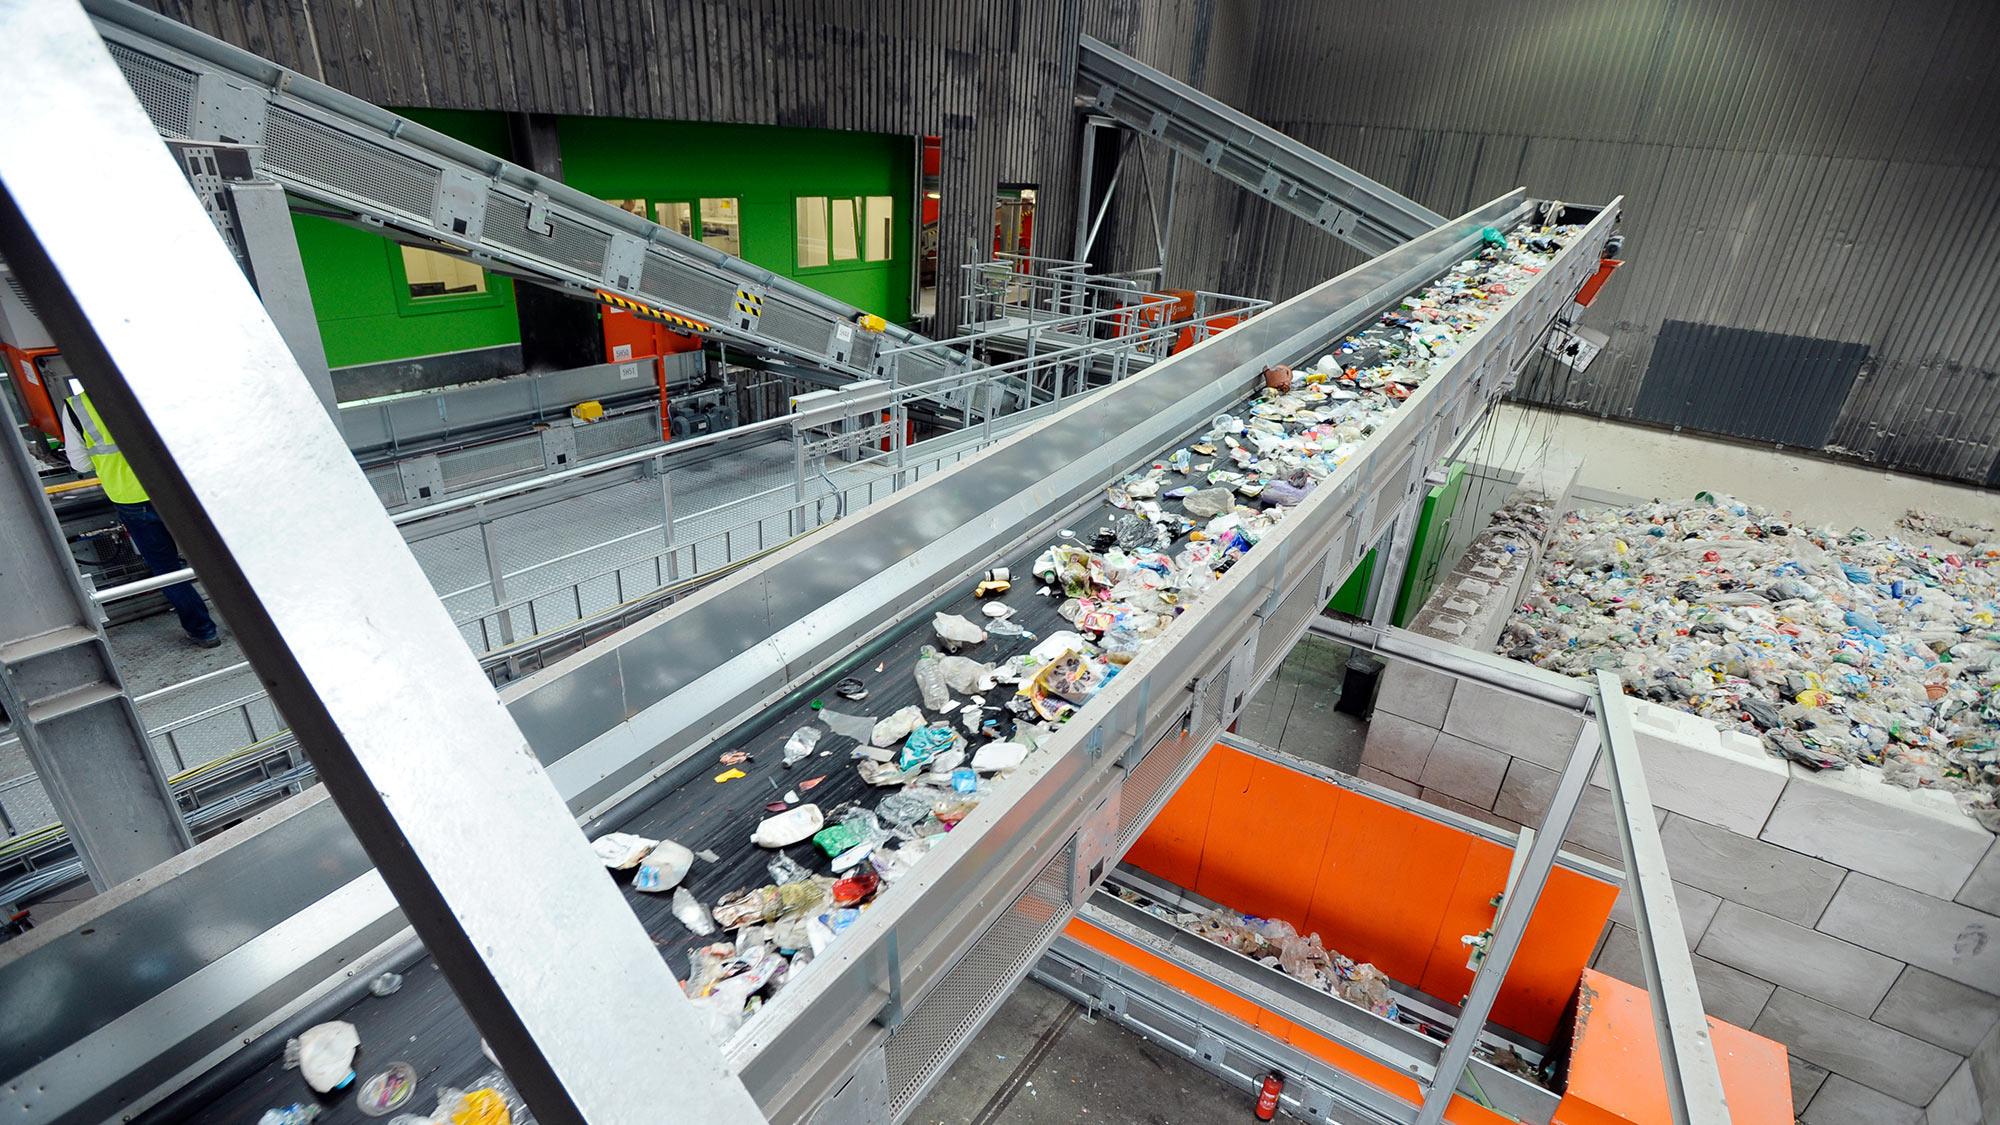 бизнес-план переработки отходов и производства вторсырья с расчетами